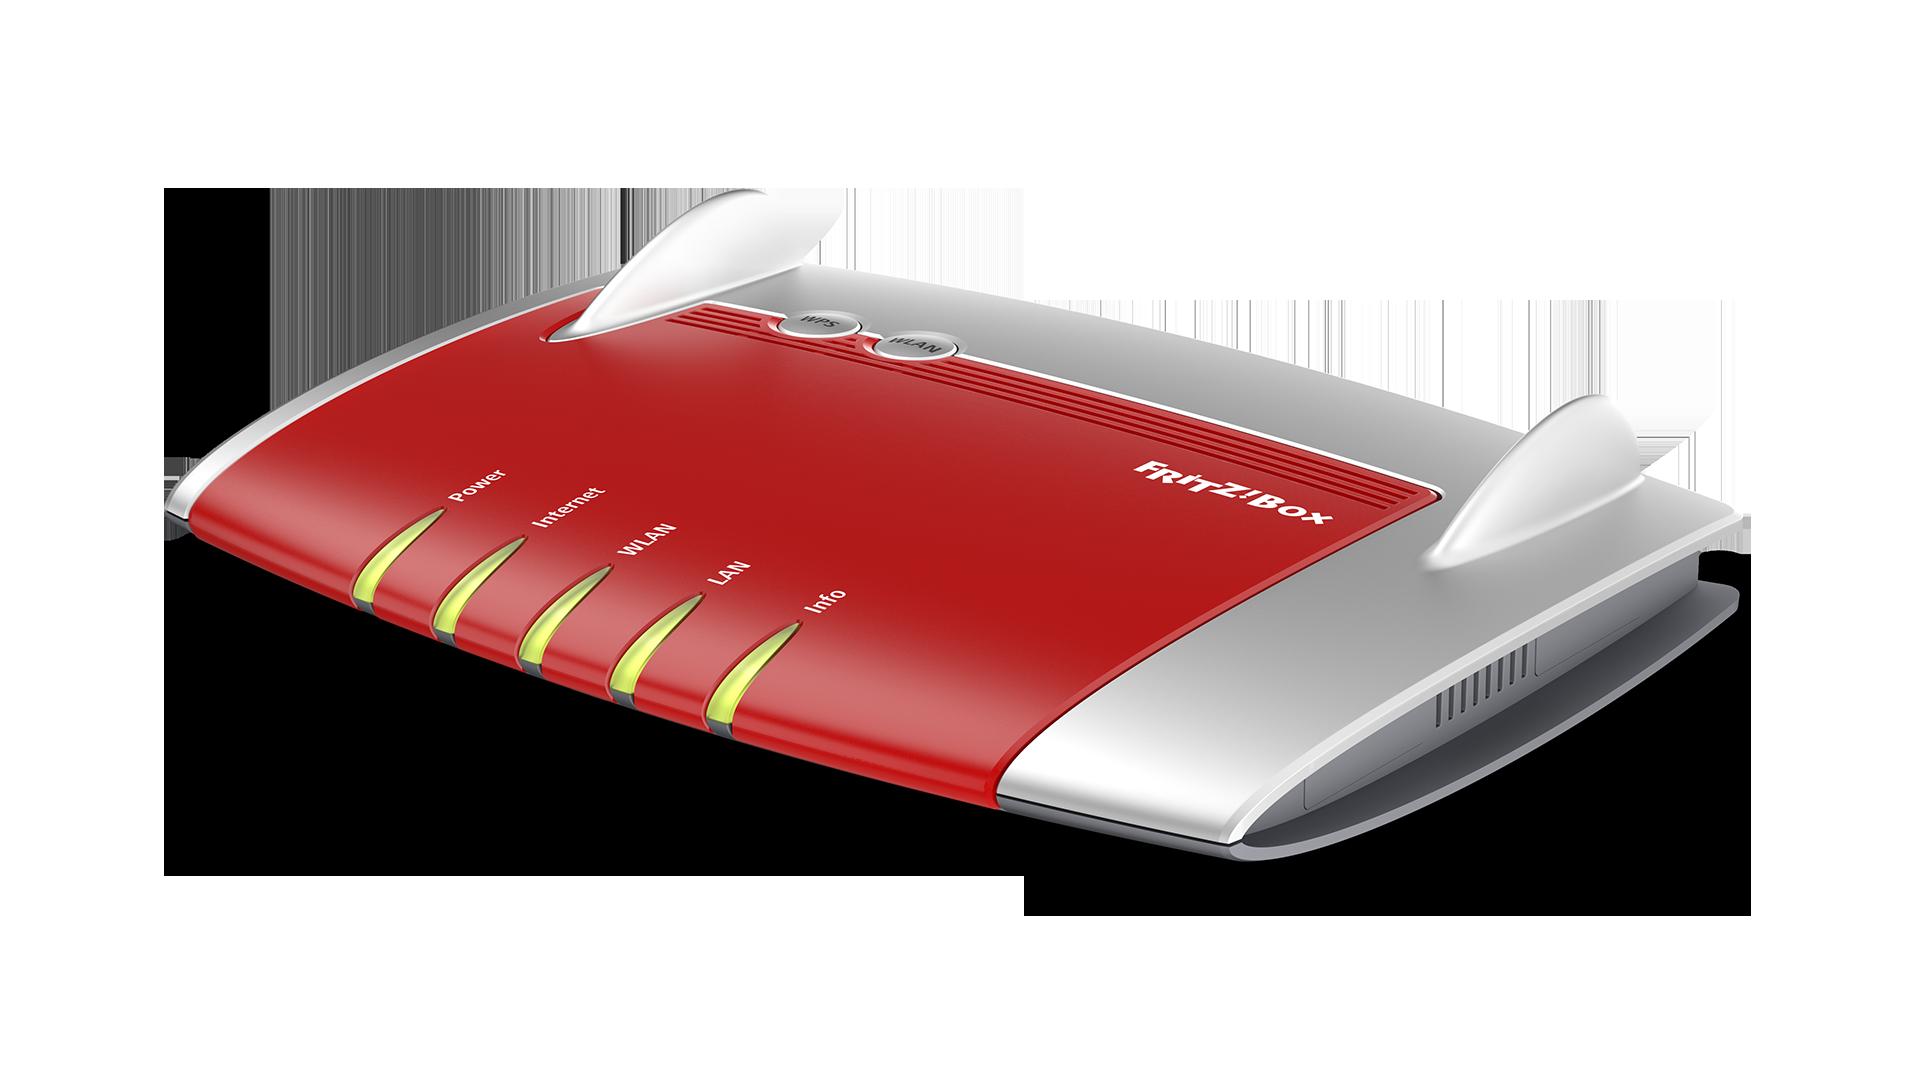 Nowy router FRITZ!Box 4040 Wireless AC: Współpracuje z każdym łączem